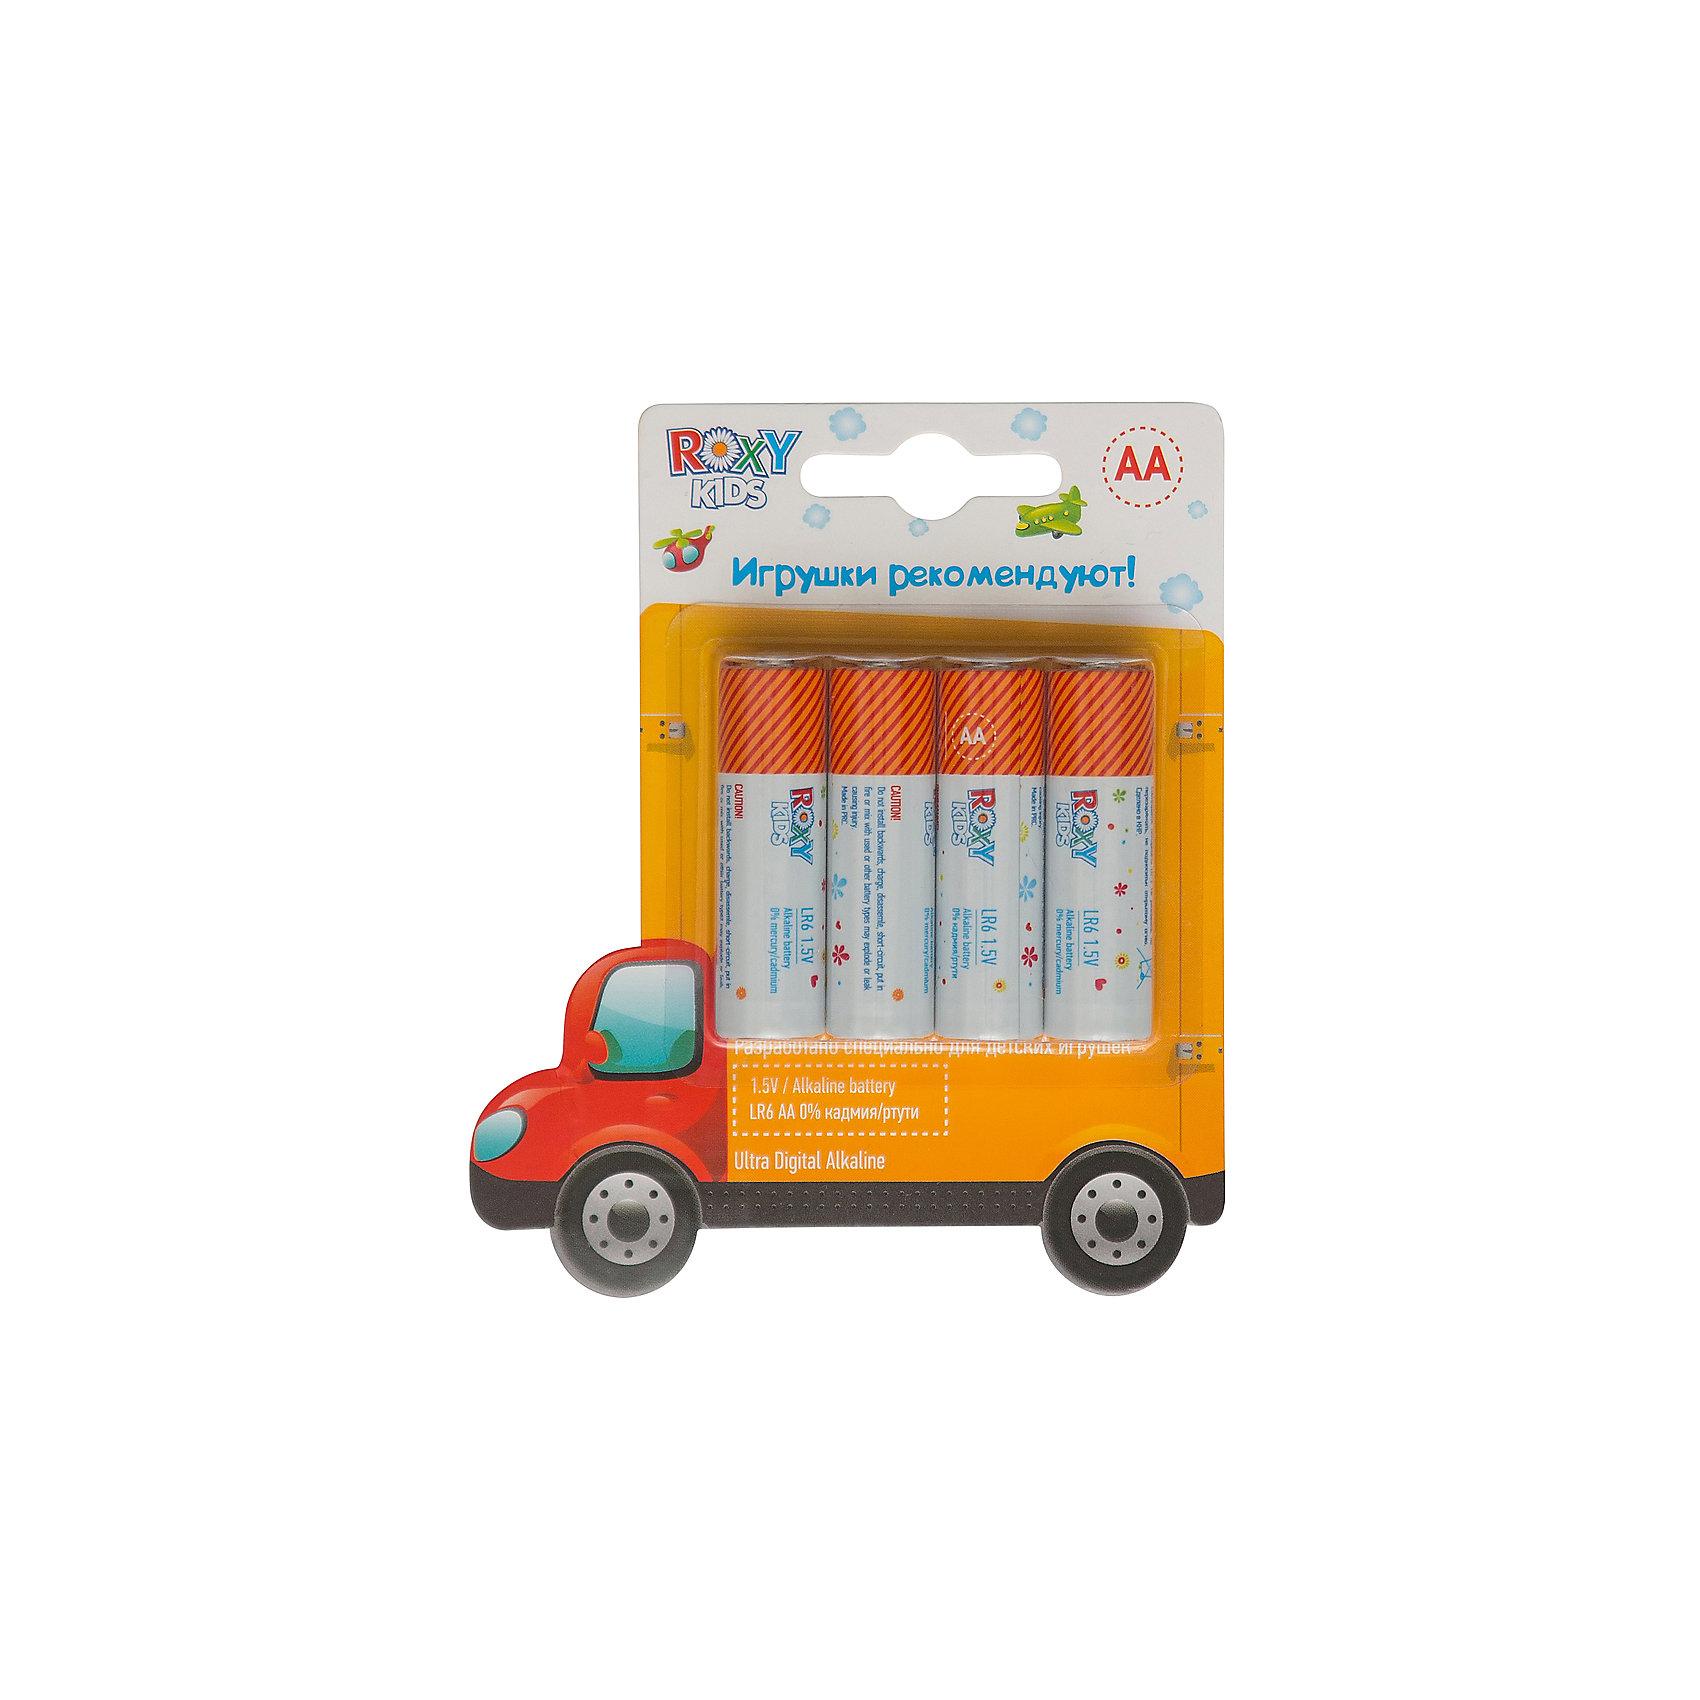 Батарейки для игрушек, тип АА, 4 шт., Roxy-kidsМАШИНКА - Alkaline Battery LR - щелочные (алкалиновые) батарейки. <br>Батарейки ROXY-KIDS - идеальное соотношение цены и продолжительности заряда для игрушек! Батарейки ROXY-KIDS - минимальная стоимость одного часа работы!<br><br>Дополнительная информация:<br><br>Тип батареек: АА<br>В комплекте 4 шт.<br>В составе 0% ртути и кадмия. <br>Системы менеджмента качества и экологического менеджмента подтверждена в Нидерландах.<br><br>Батарейки, тип АА, 1,5В, 4 шт., Roxy-kids можно купить в нашем магазине.<br><br>Ширина мм: 110<br>Глубина мм: 80<br>Высота мм: 10<br>Вес г: 40<br>Возраст от месяцев: 192<br>Возраст до месяцев: 1188<br>Пол: Унисекс<br>Возраст: Детский<br>SKU: 4188901